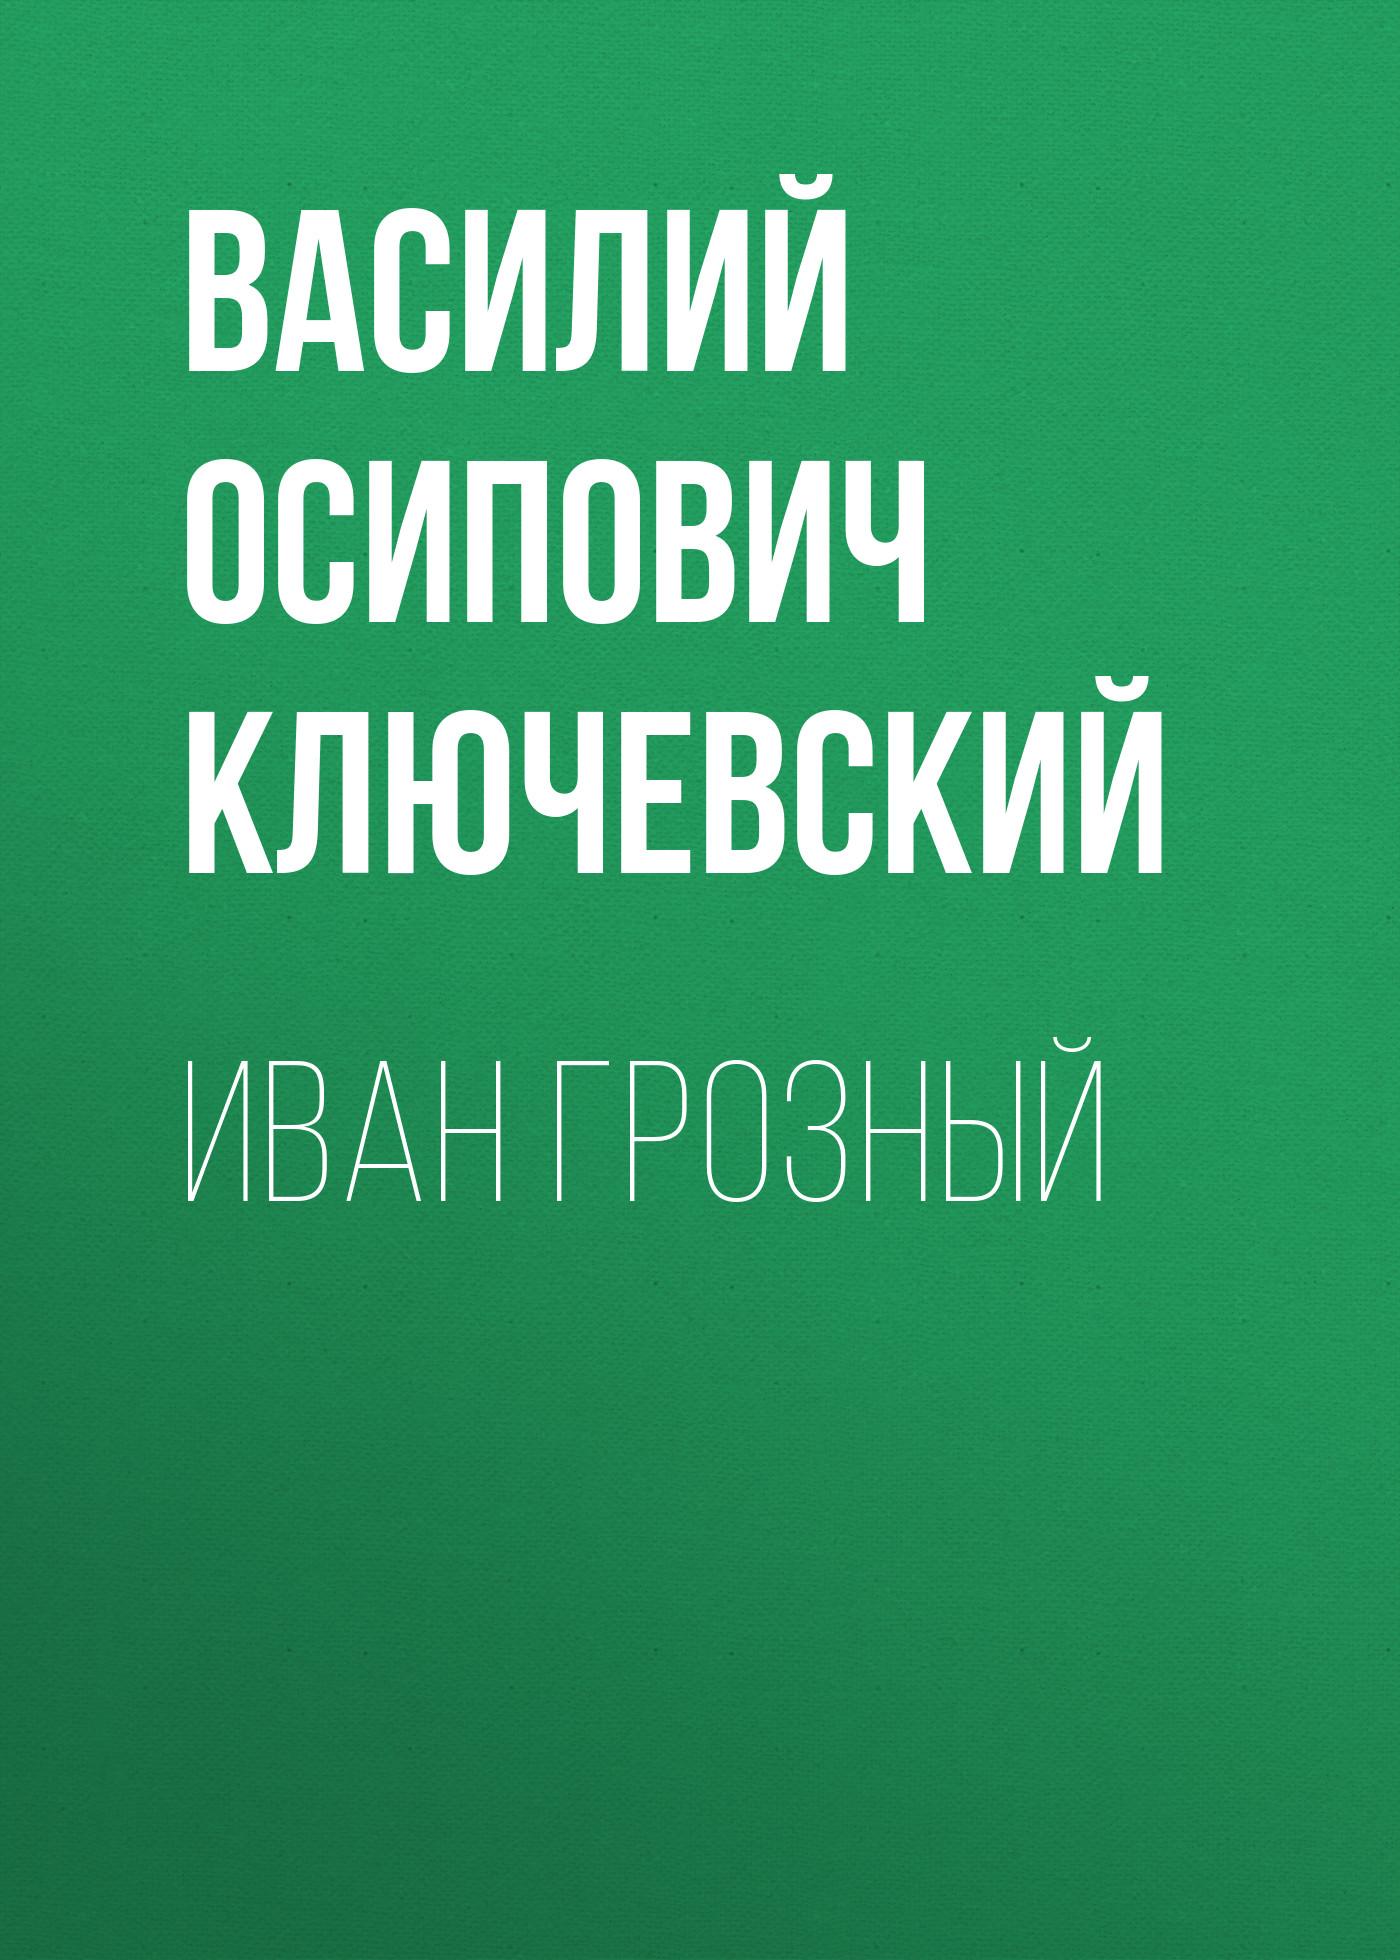 цена на Василий Осипович Ключевский Иван Грозный